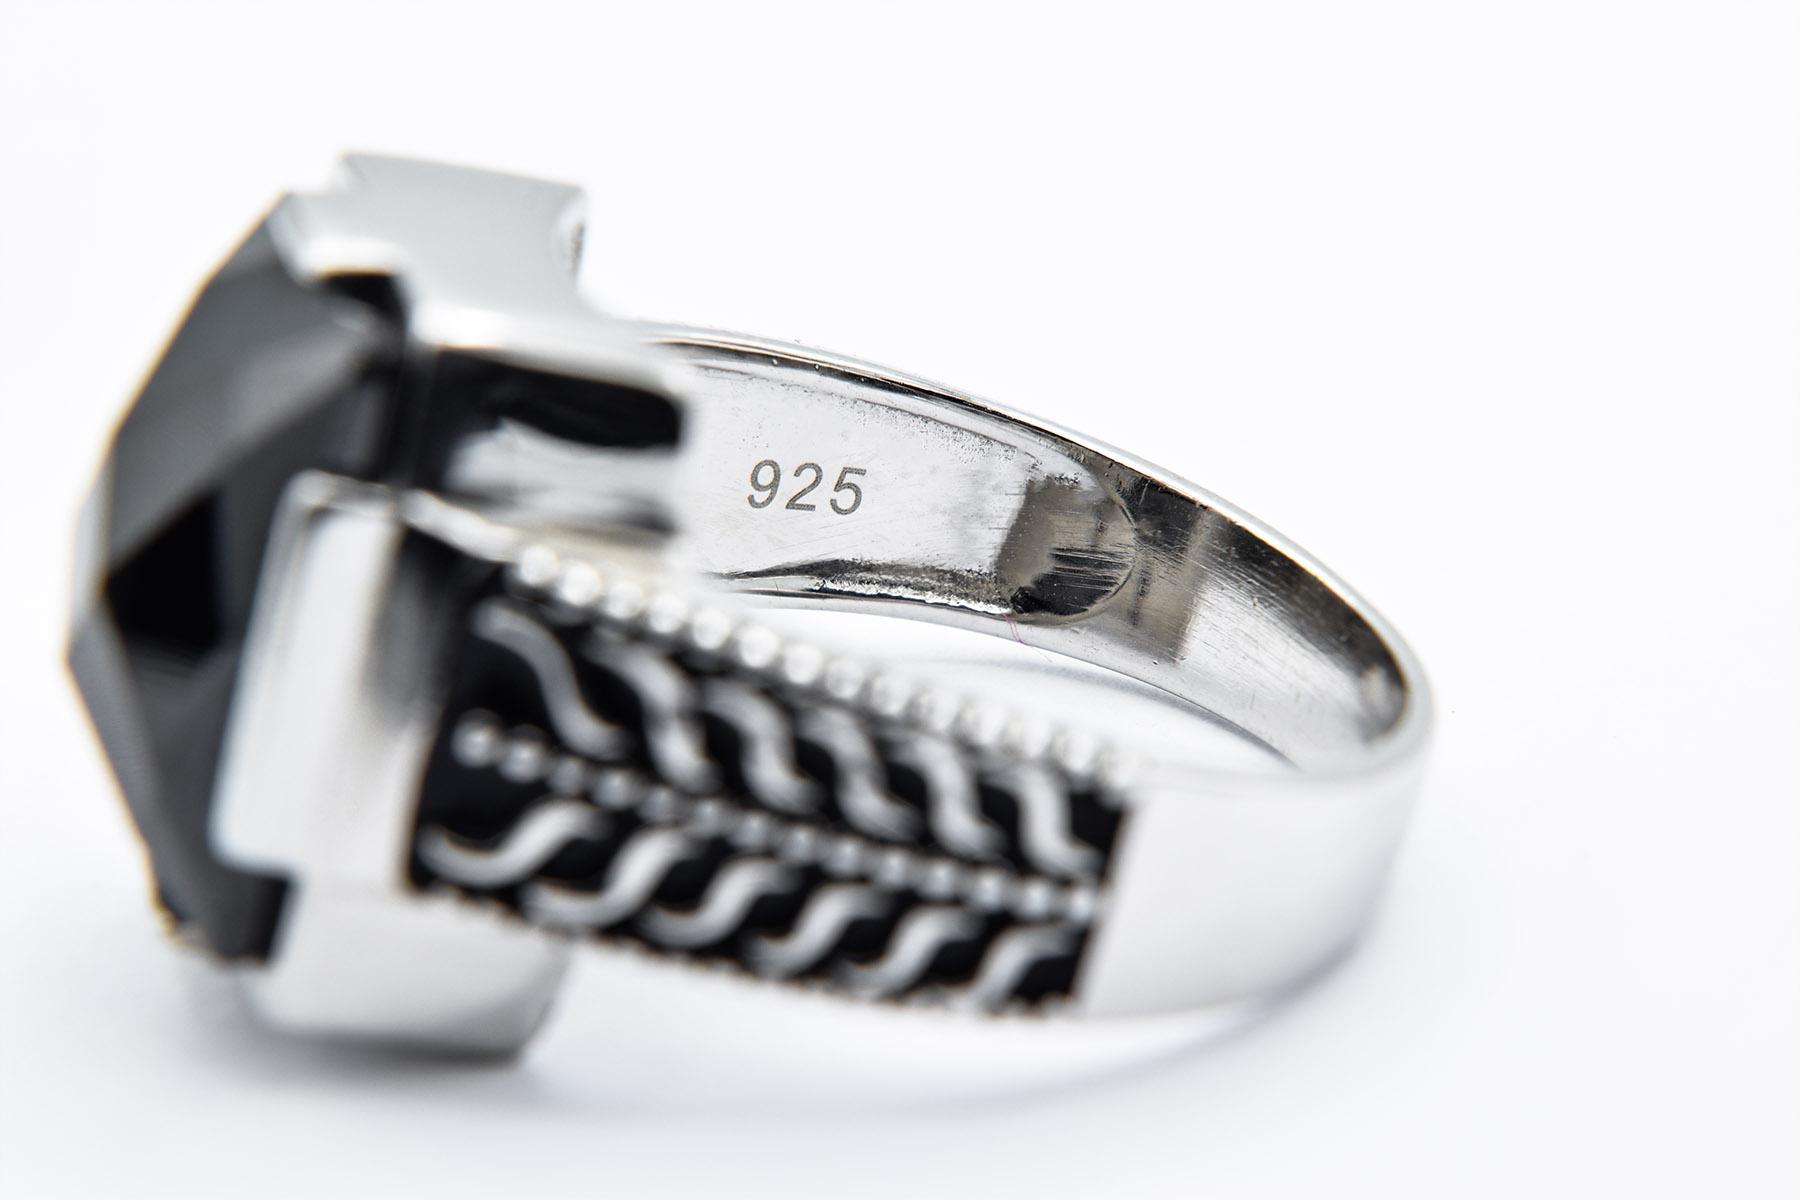 انگشتر مردانه اسپرت نقره ترکیه مربعی rg-n335 از نمای داخل